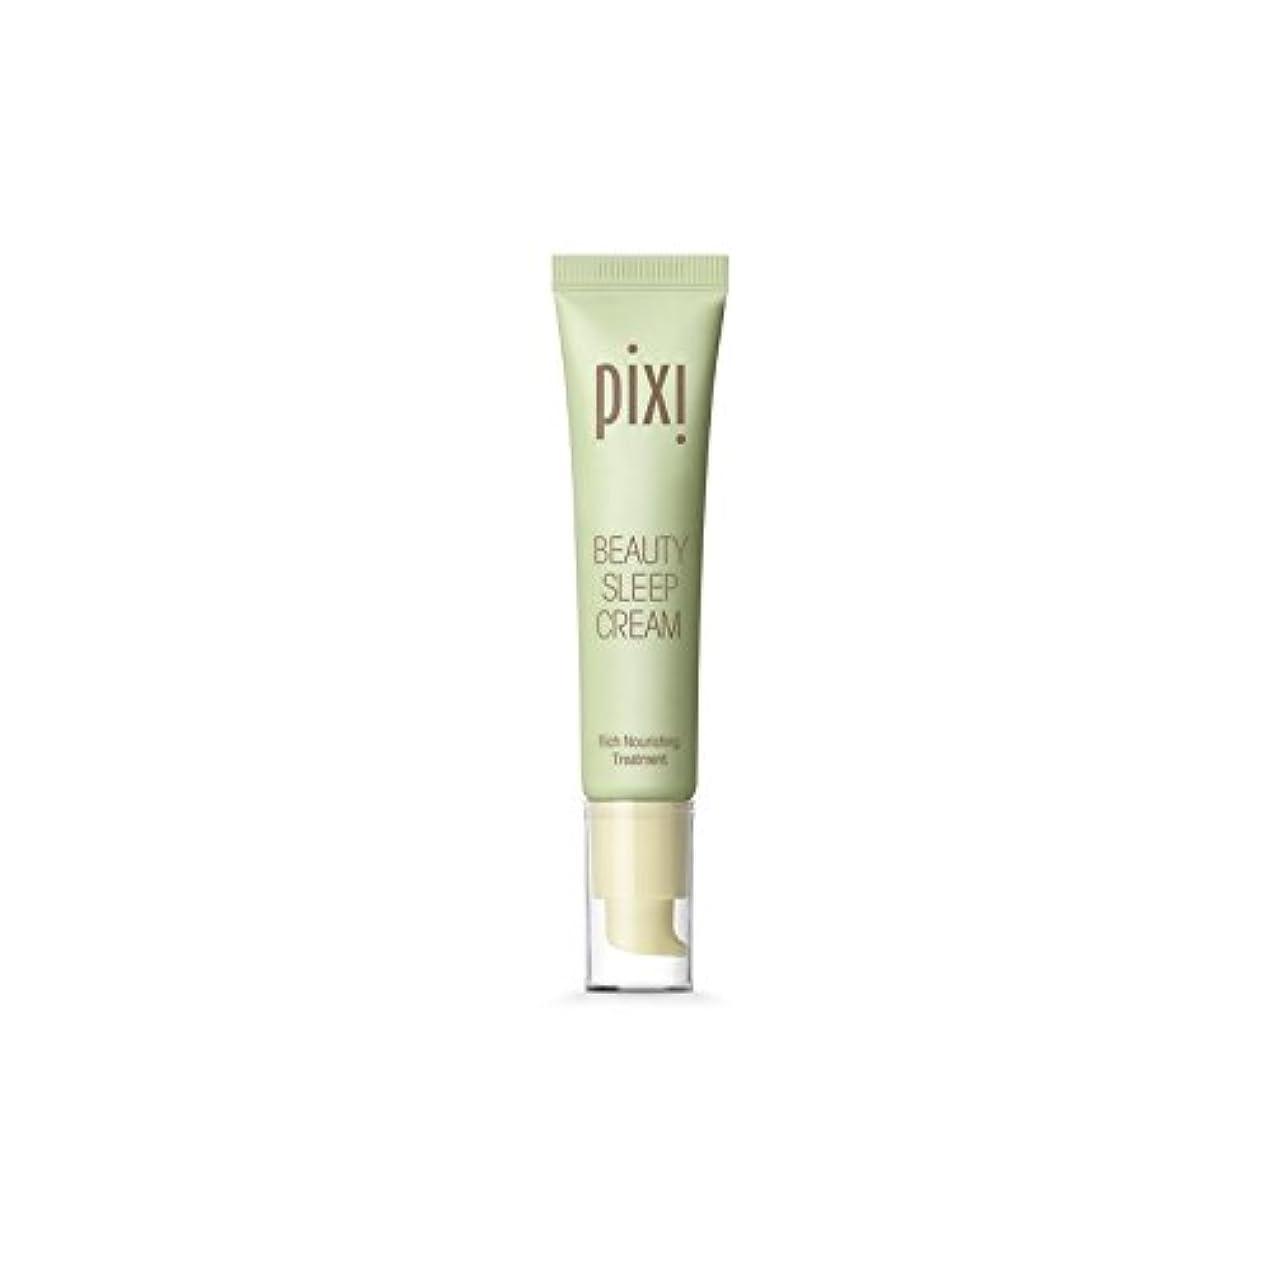 安らぎ放課後弾薬美しさの睡眠クリーム x2 - Pixi Beauty Sleep Cream (Pack of 2) [並行輸入品]